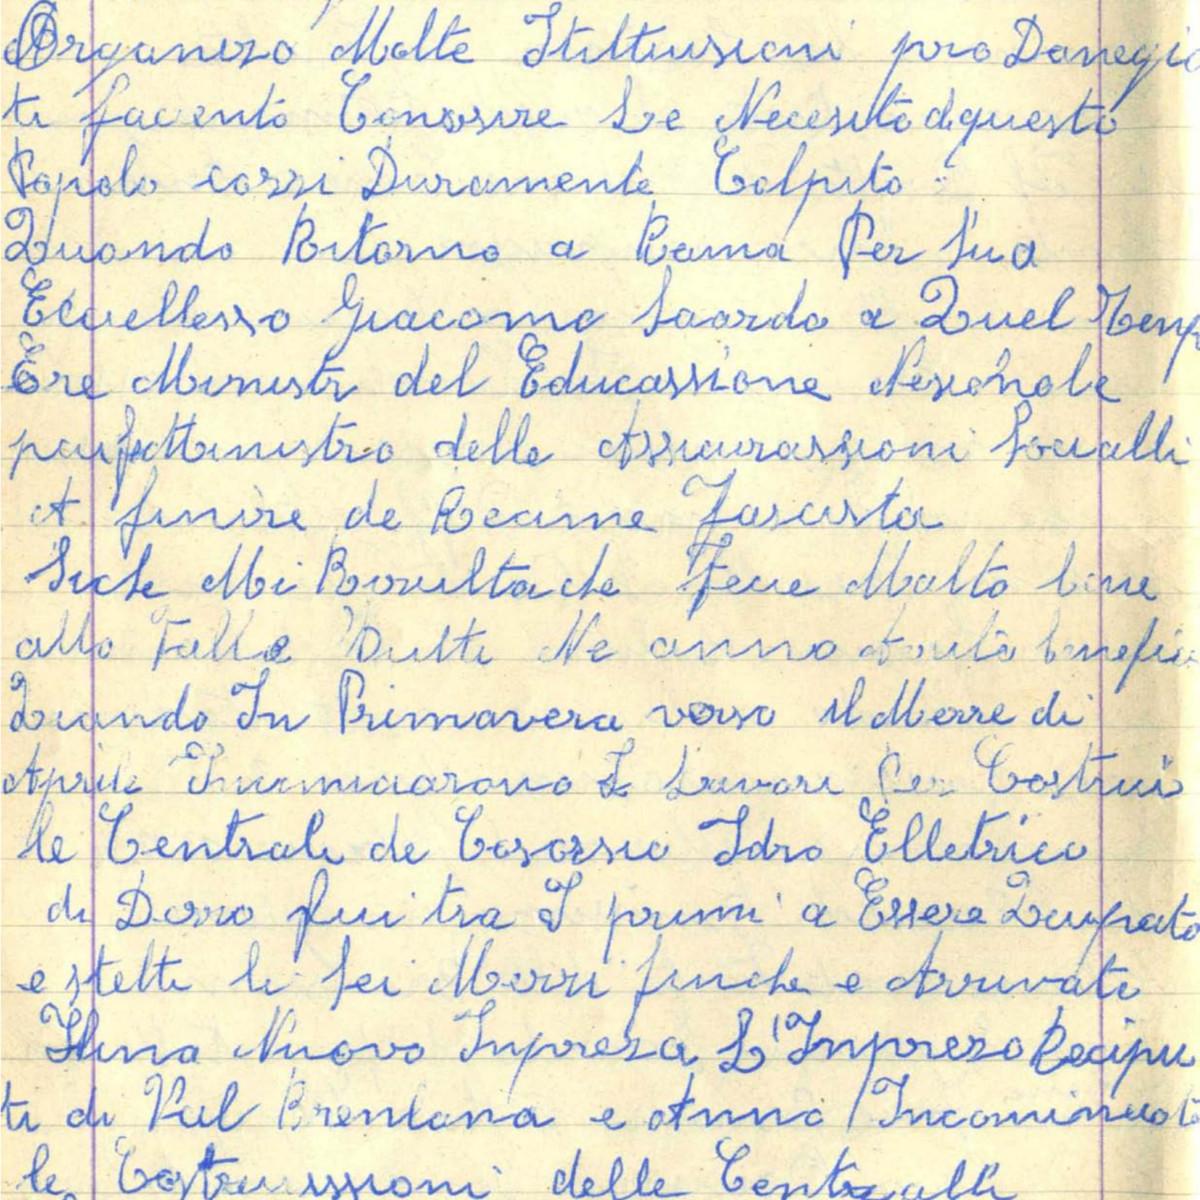 Lettera di Bettineschi Giovanmaria di Tomaso_12